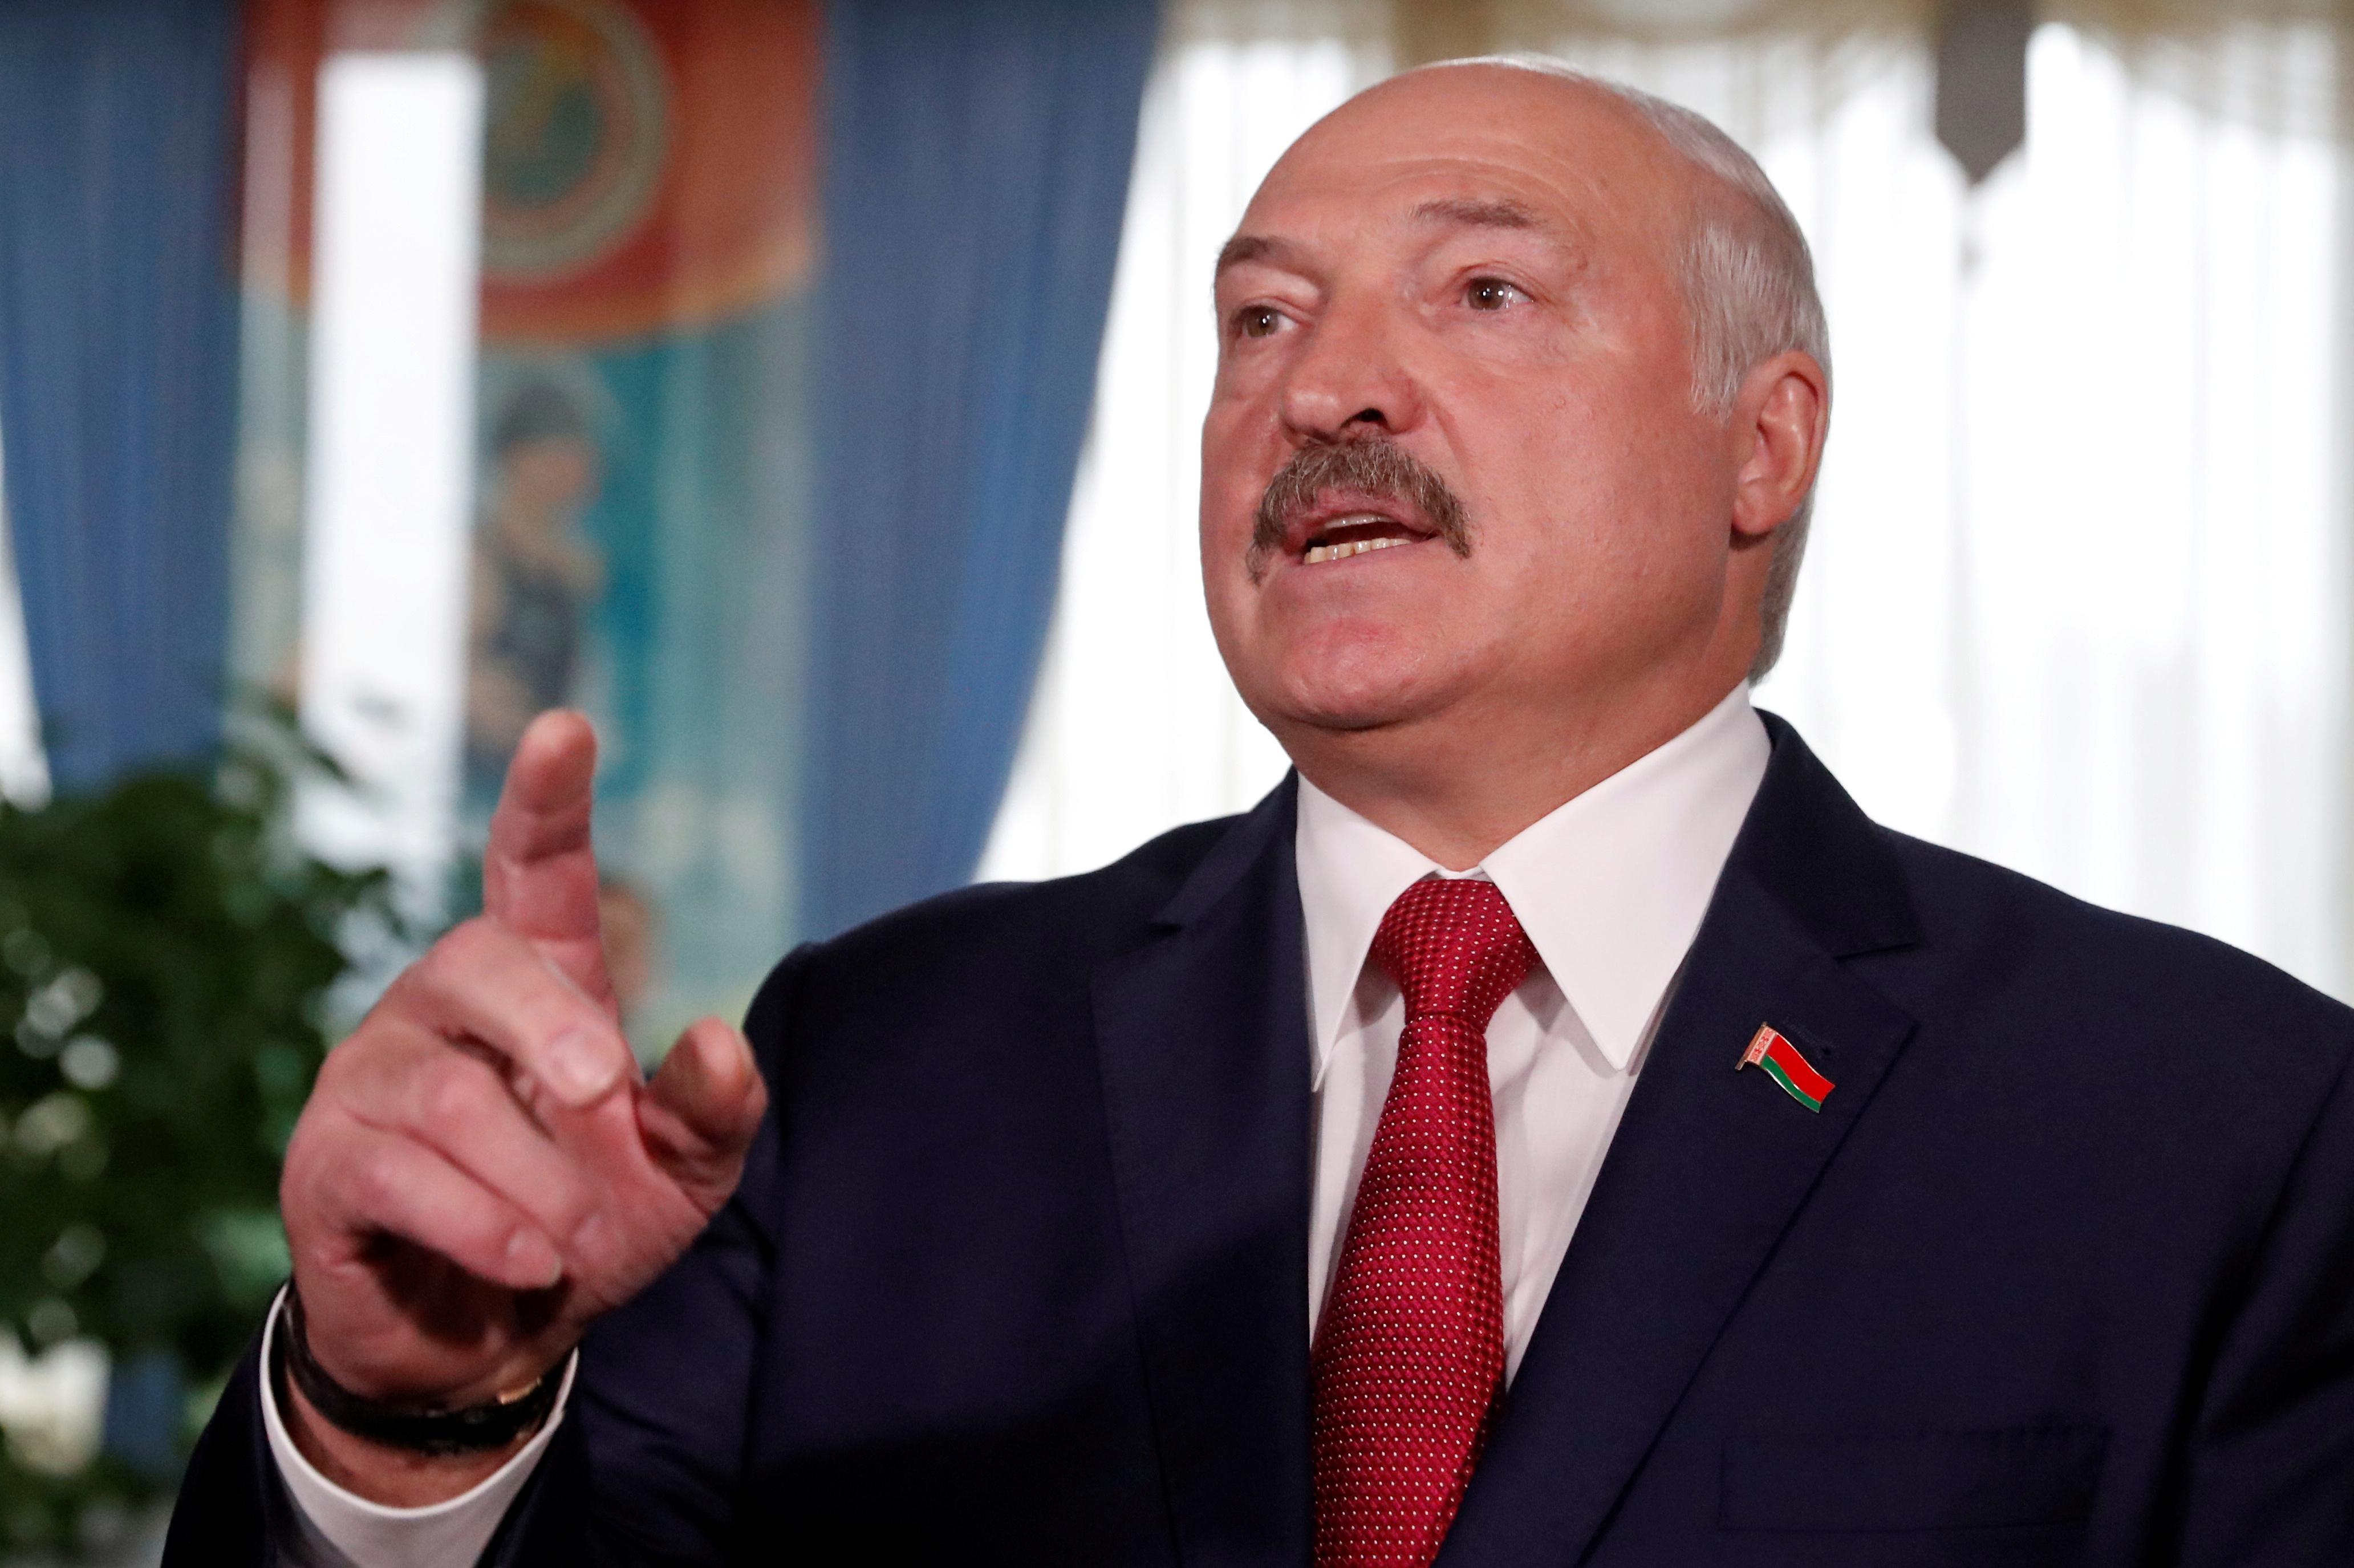 Wahlleitung erklärt Lukaschenko nach Gewalt-Nacht zum Sieger